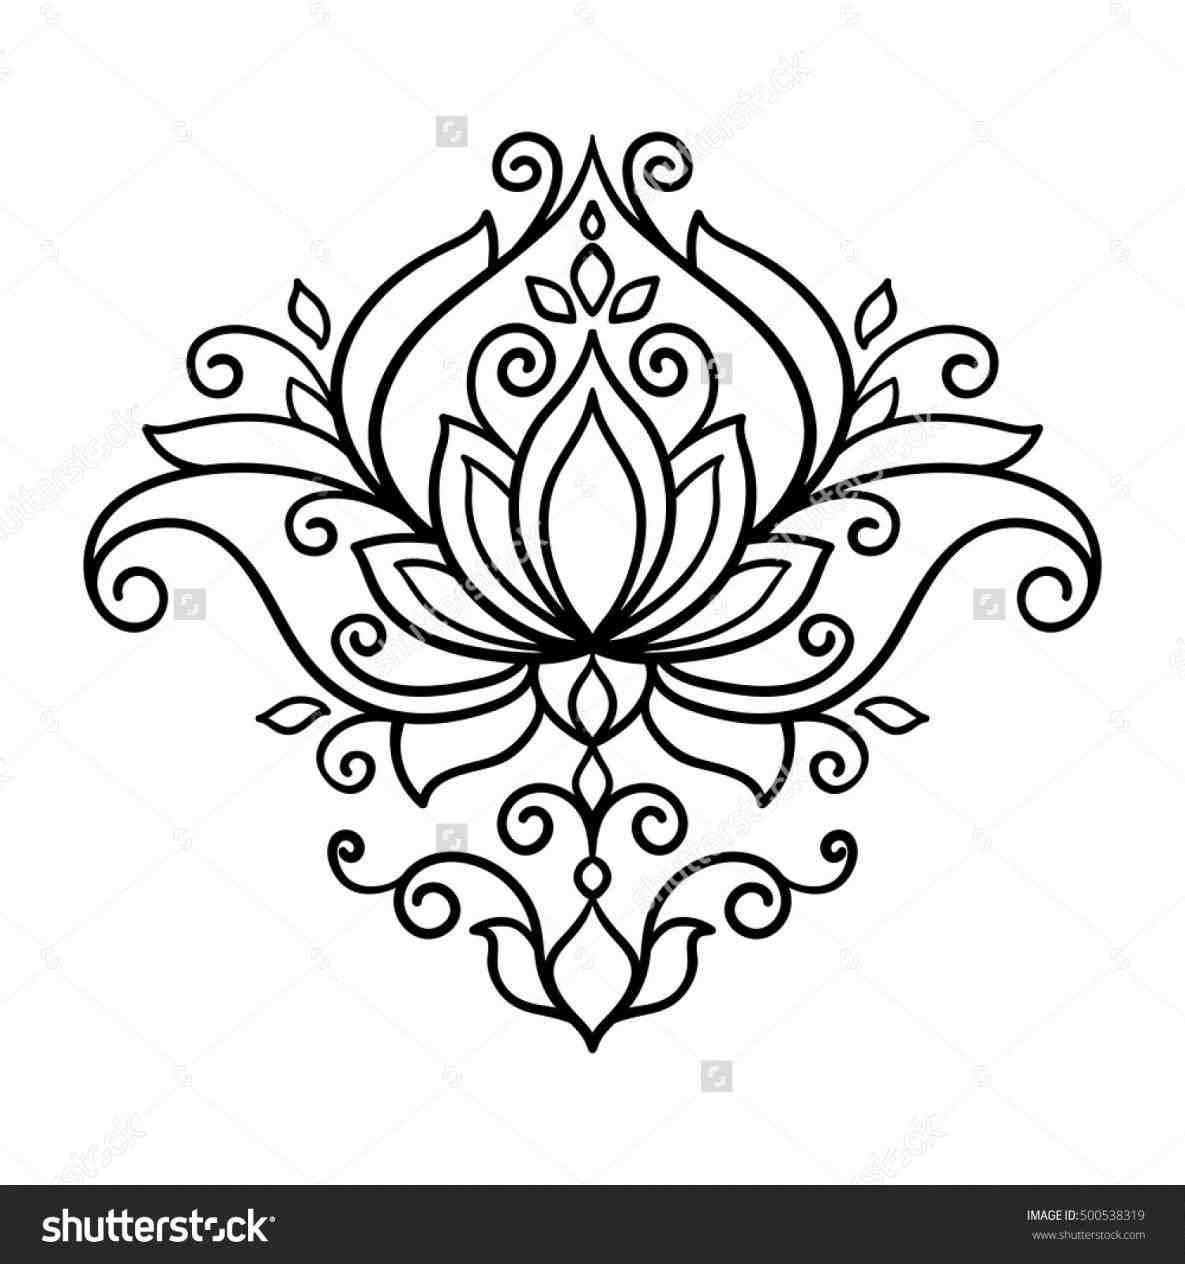 1185x1264 Flower Lotus Drawing